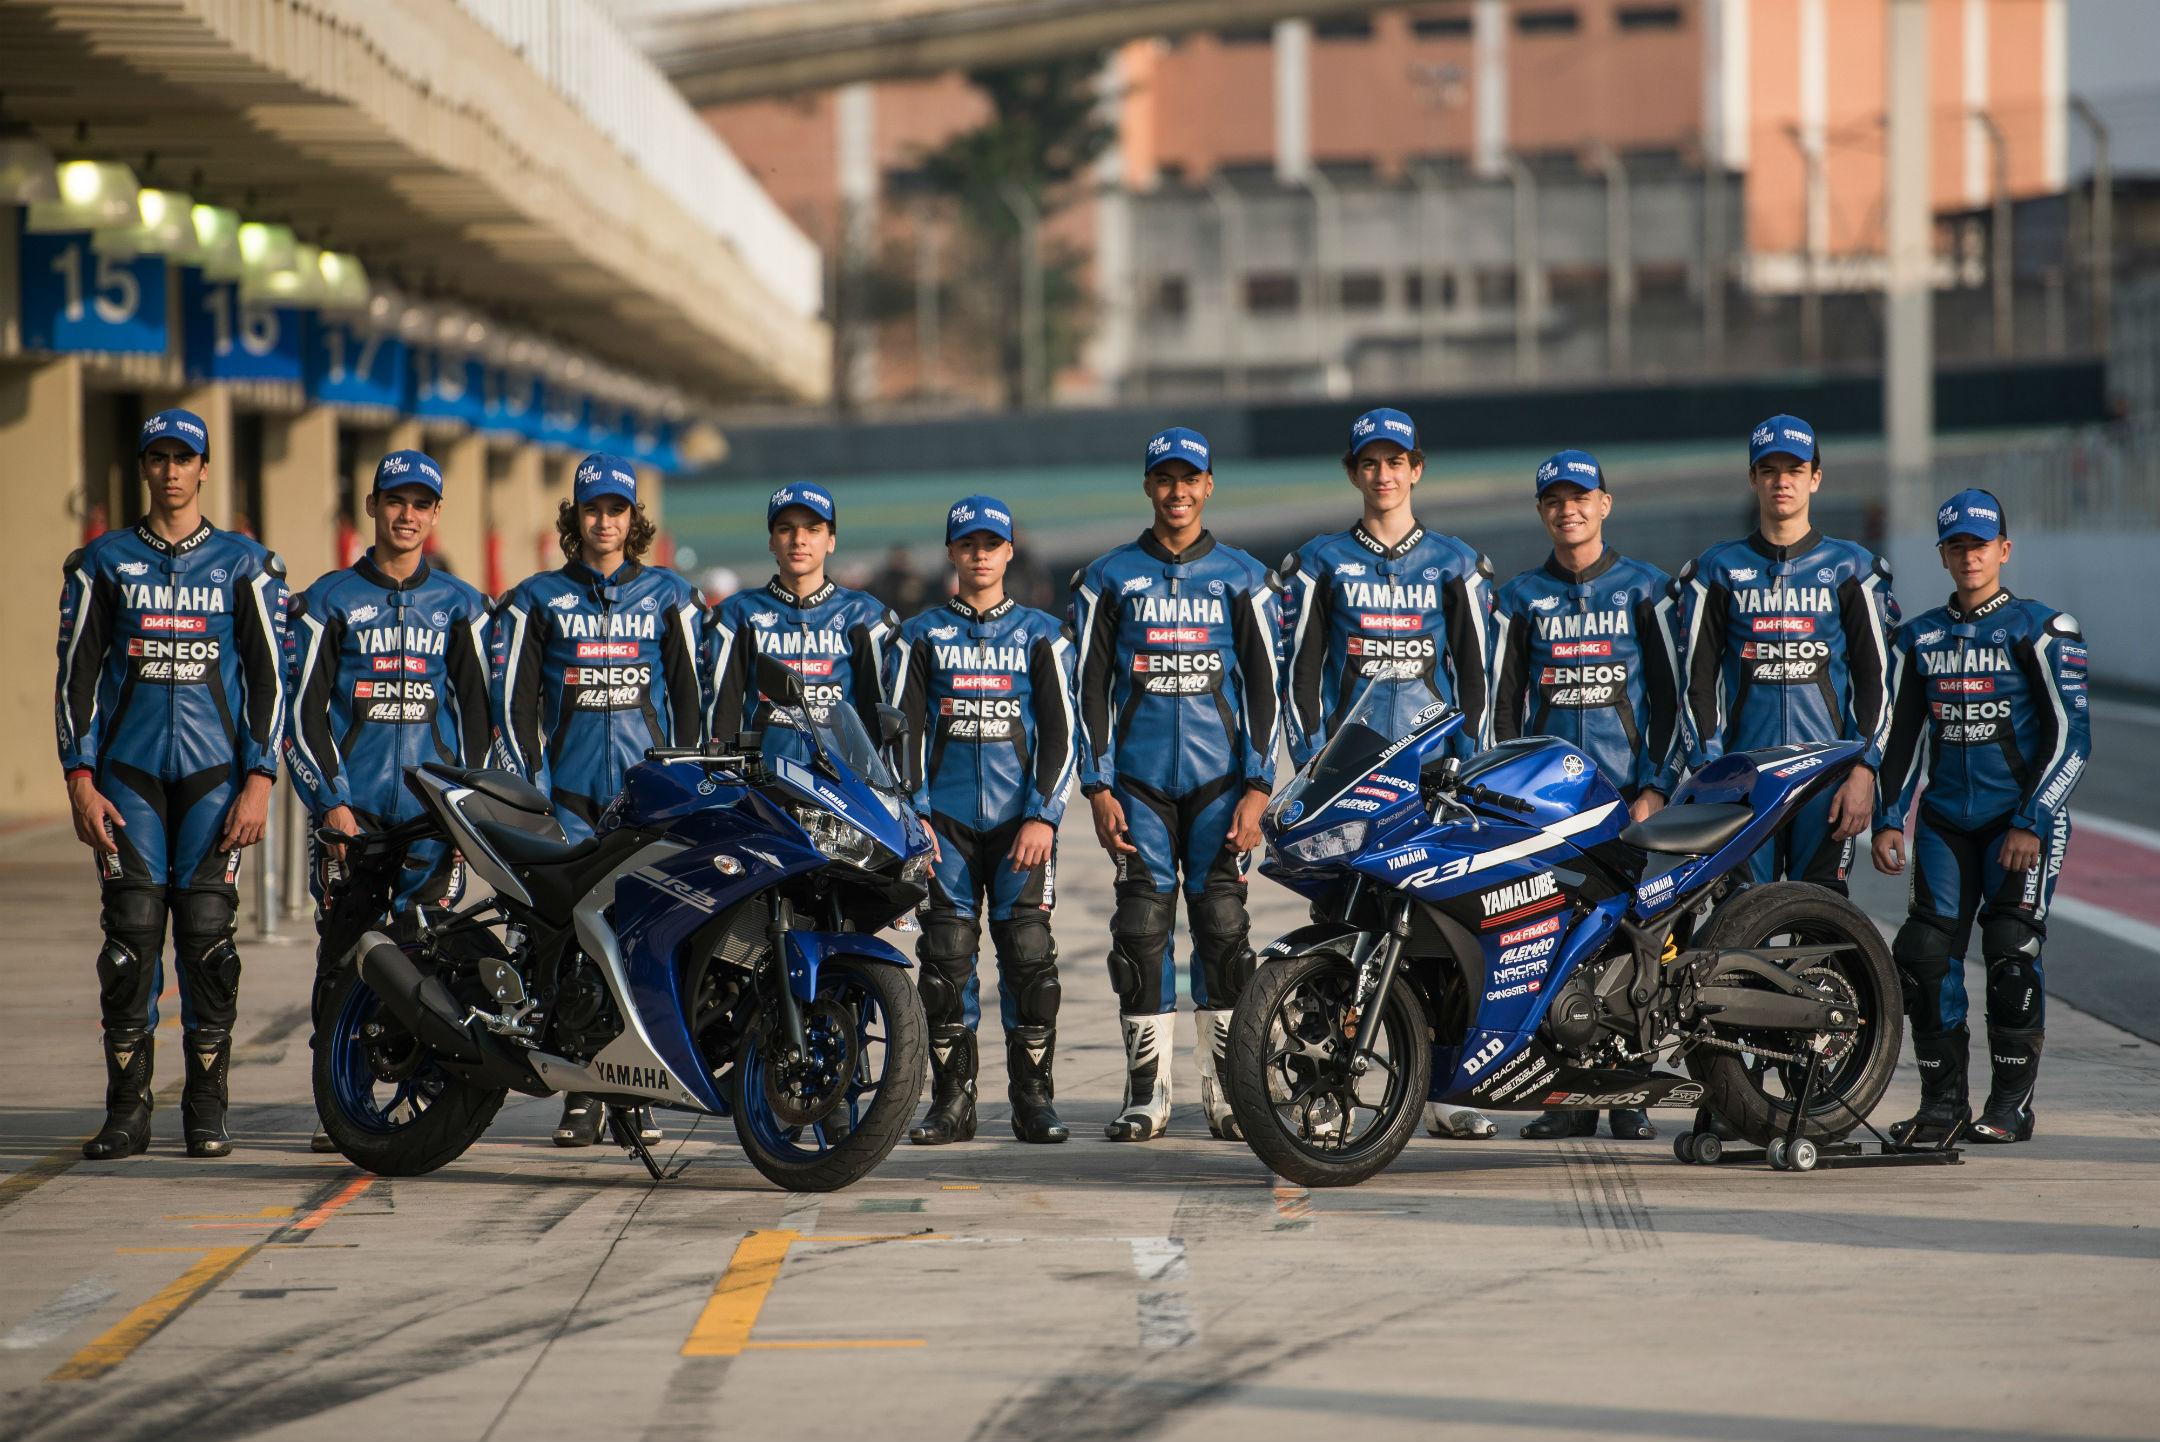 Pilotos da equipe oficial da Yamaha, na Yamalube R3 Cup